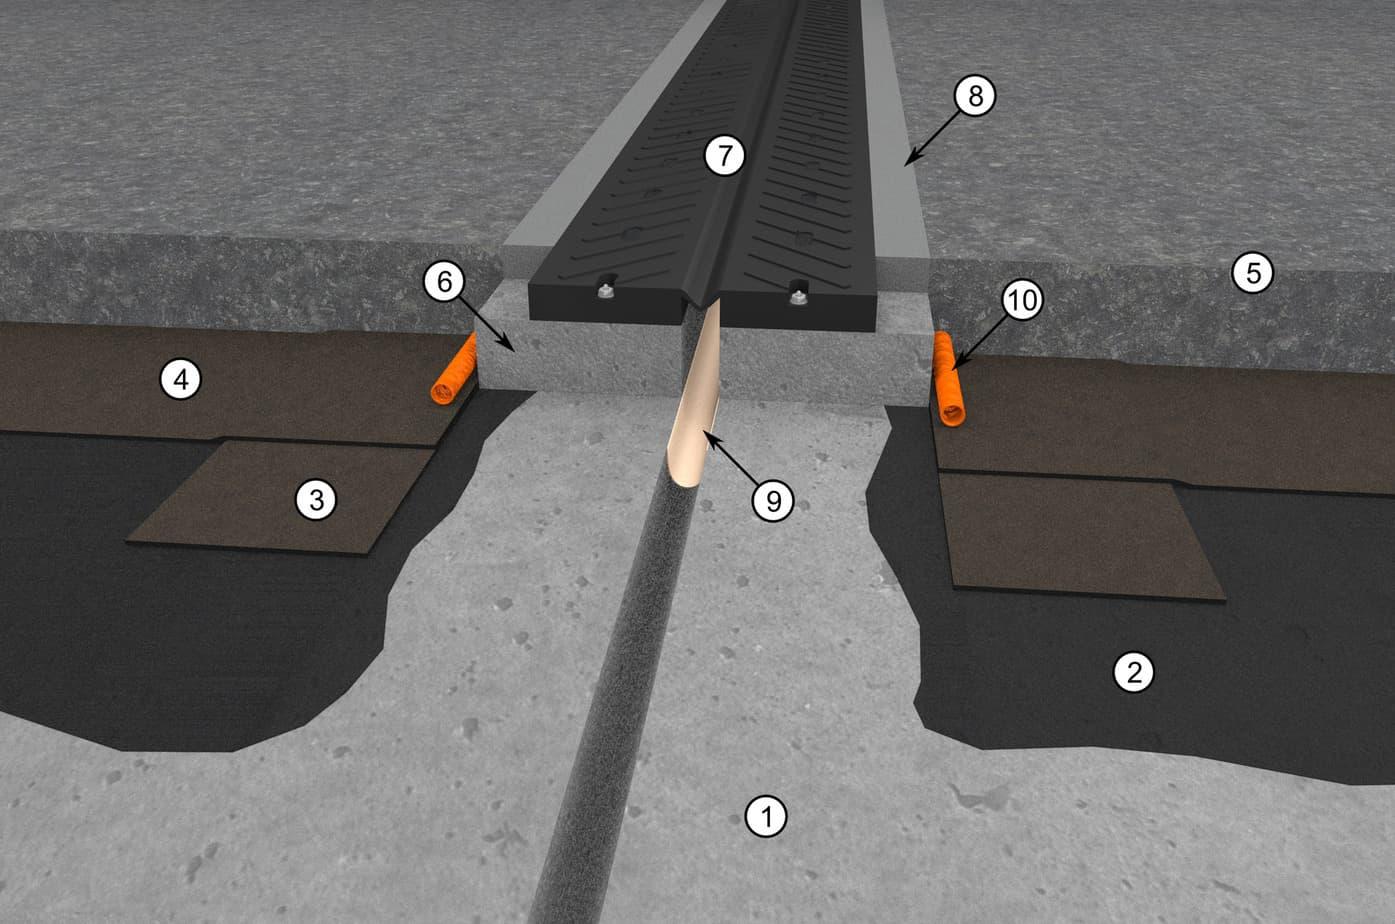 Il dettaglio del giunto di dilatazione:  supporto-soletta in cemento armato; primer bituminoso Polyprimer HP 45 Professional o Idroprimer o primer epossidico Epoxy Primer; membrana di rinforzo Polyglass in SBS; membrana impermeabilizzante per ponti Polyglass (tipo Polybond HP, Polyflex HP, Elastoflex HP, Evolight HP o Polyflex Light HP); pavimentazione-binder stradale e strato di usura come da progetto; allettamento in malta; giunto di dilatazione; malta di riempimento con funzione di cuscinetto; scossalina; tubo di drenaggio